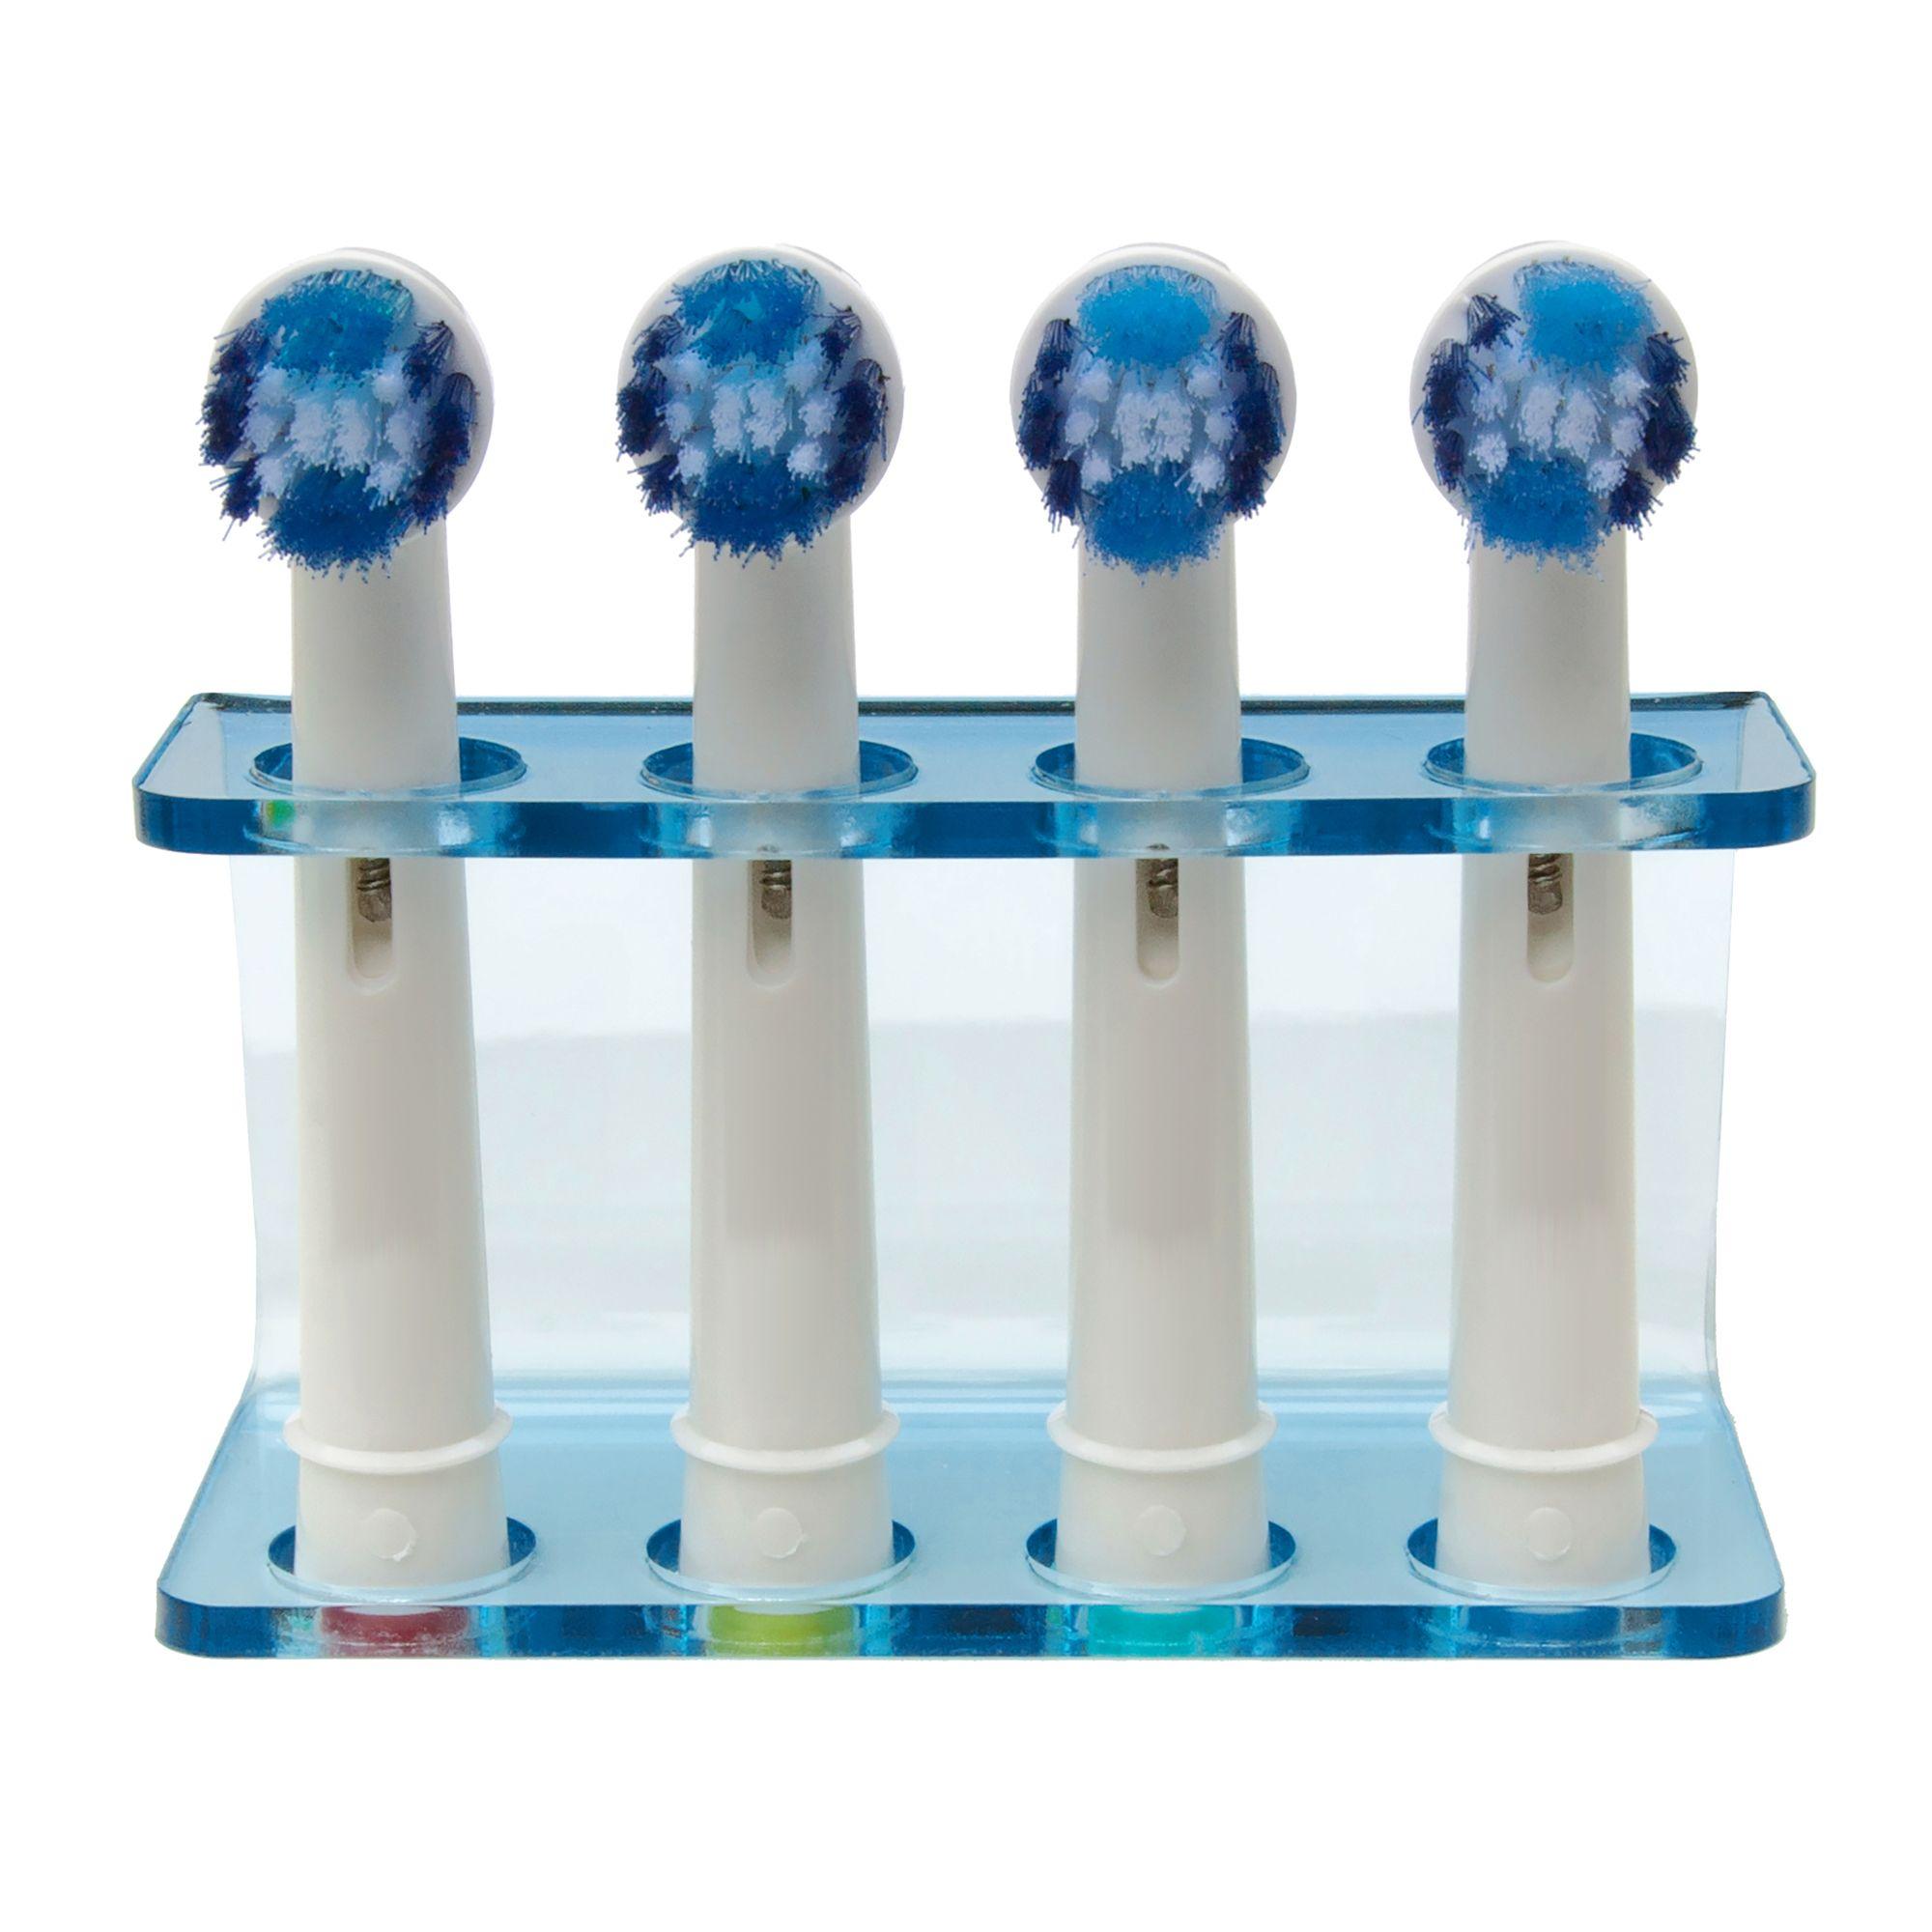 S werelds best verkopende tandenborstel houder voor Oral B ...